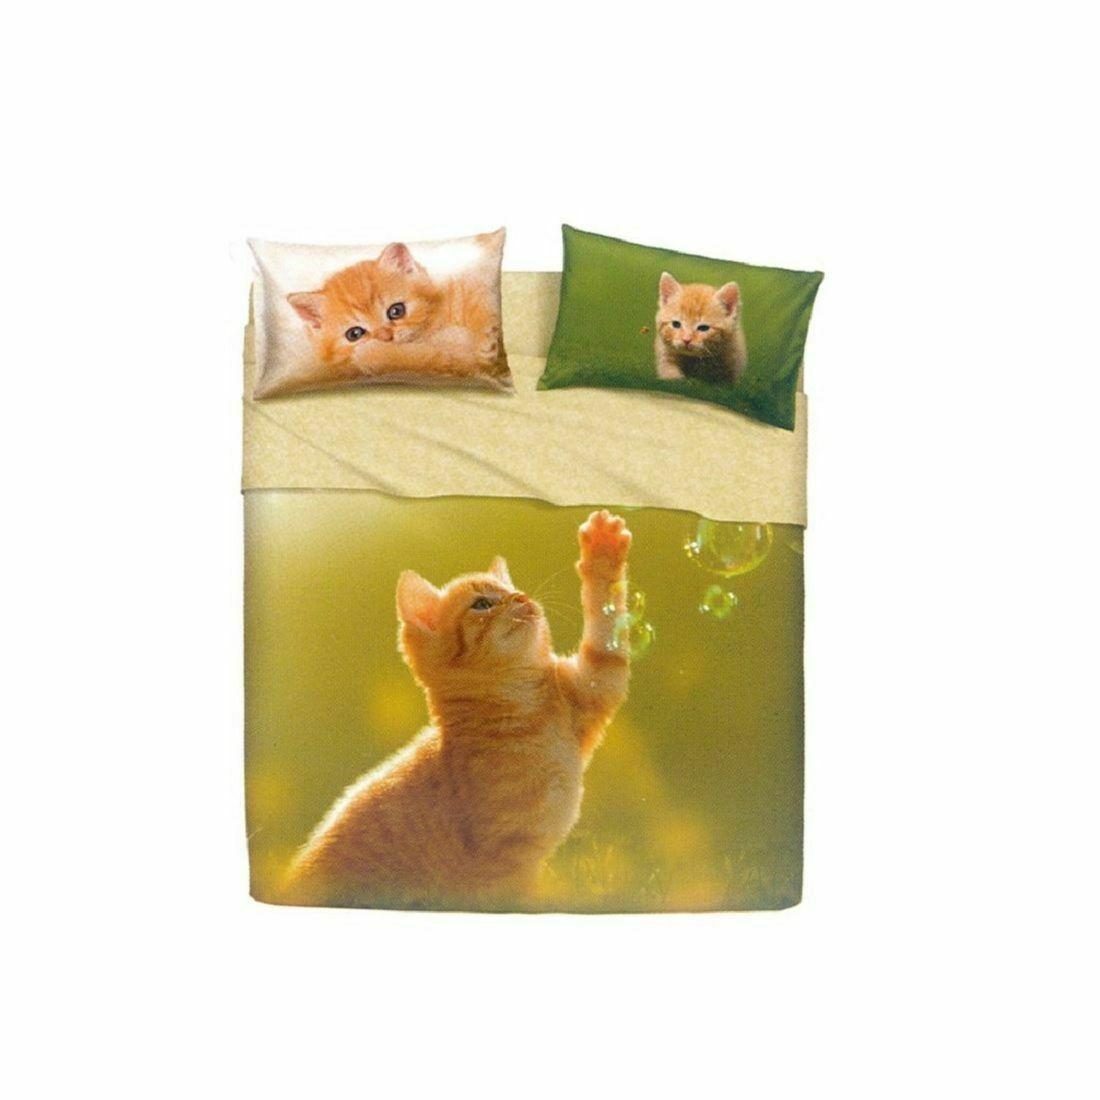 La tradizionale qualità che contraddistingue i prodotti bassetti si unisce all'innovativo design che. Bassetti Gennyprive Lenzuola Bassetti Home Innovation Play Cat Lenzuola Copriletto